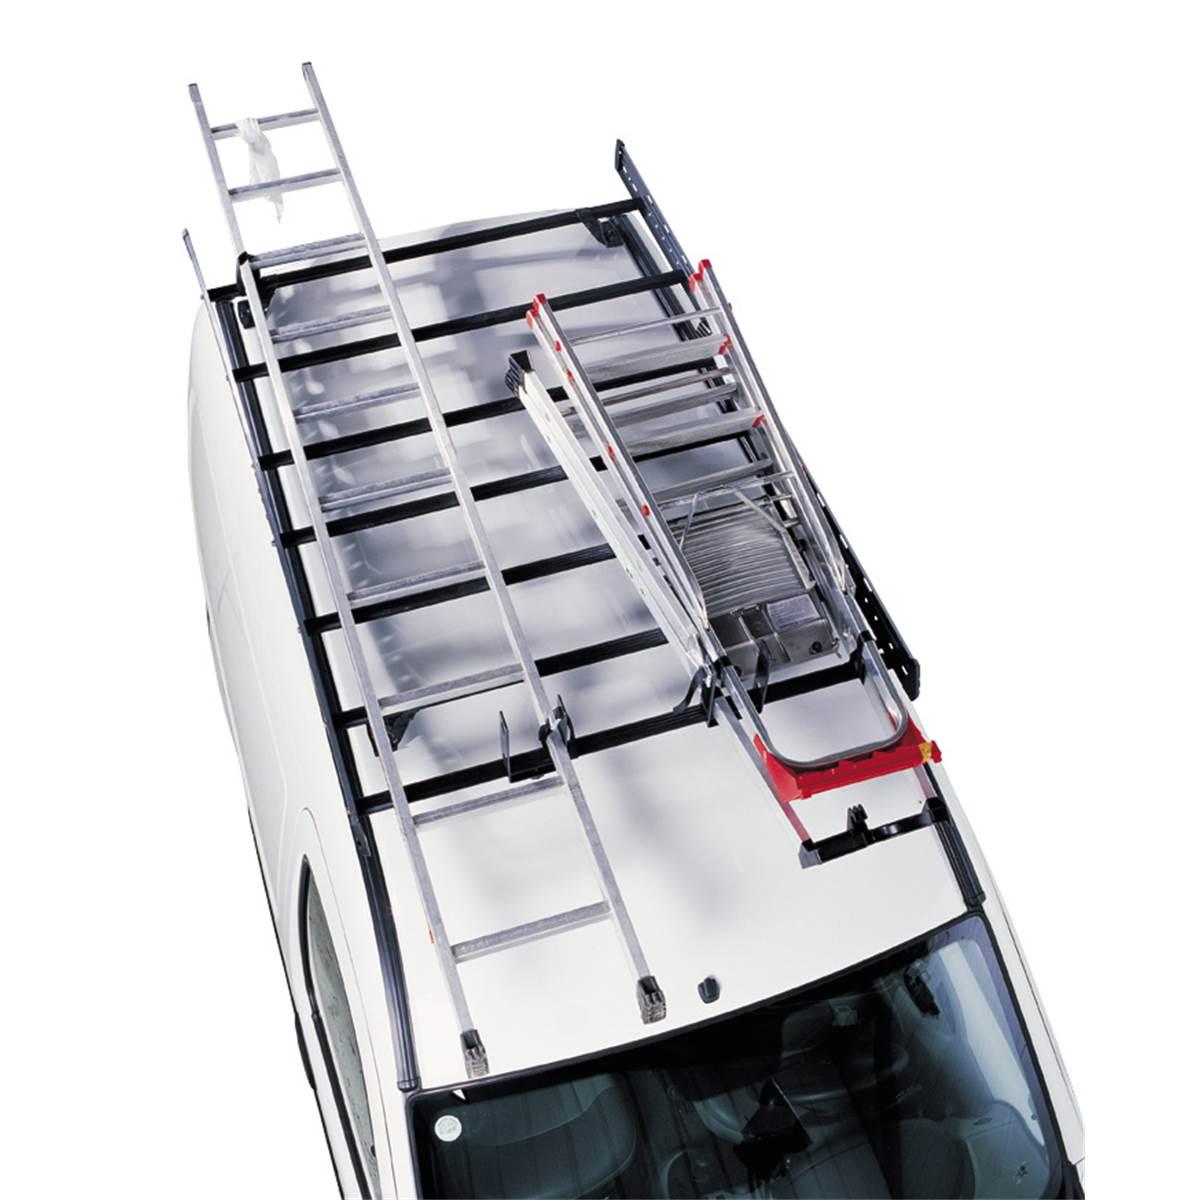 Galerie pour véhicule utilitaire PRO DECK MONT BLANC 613